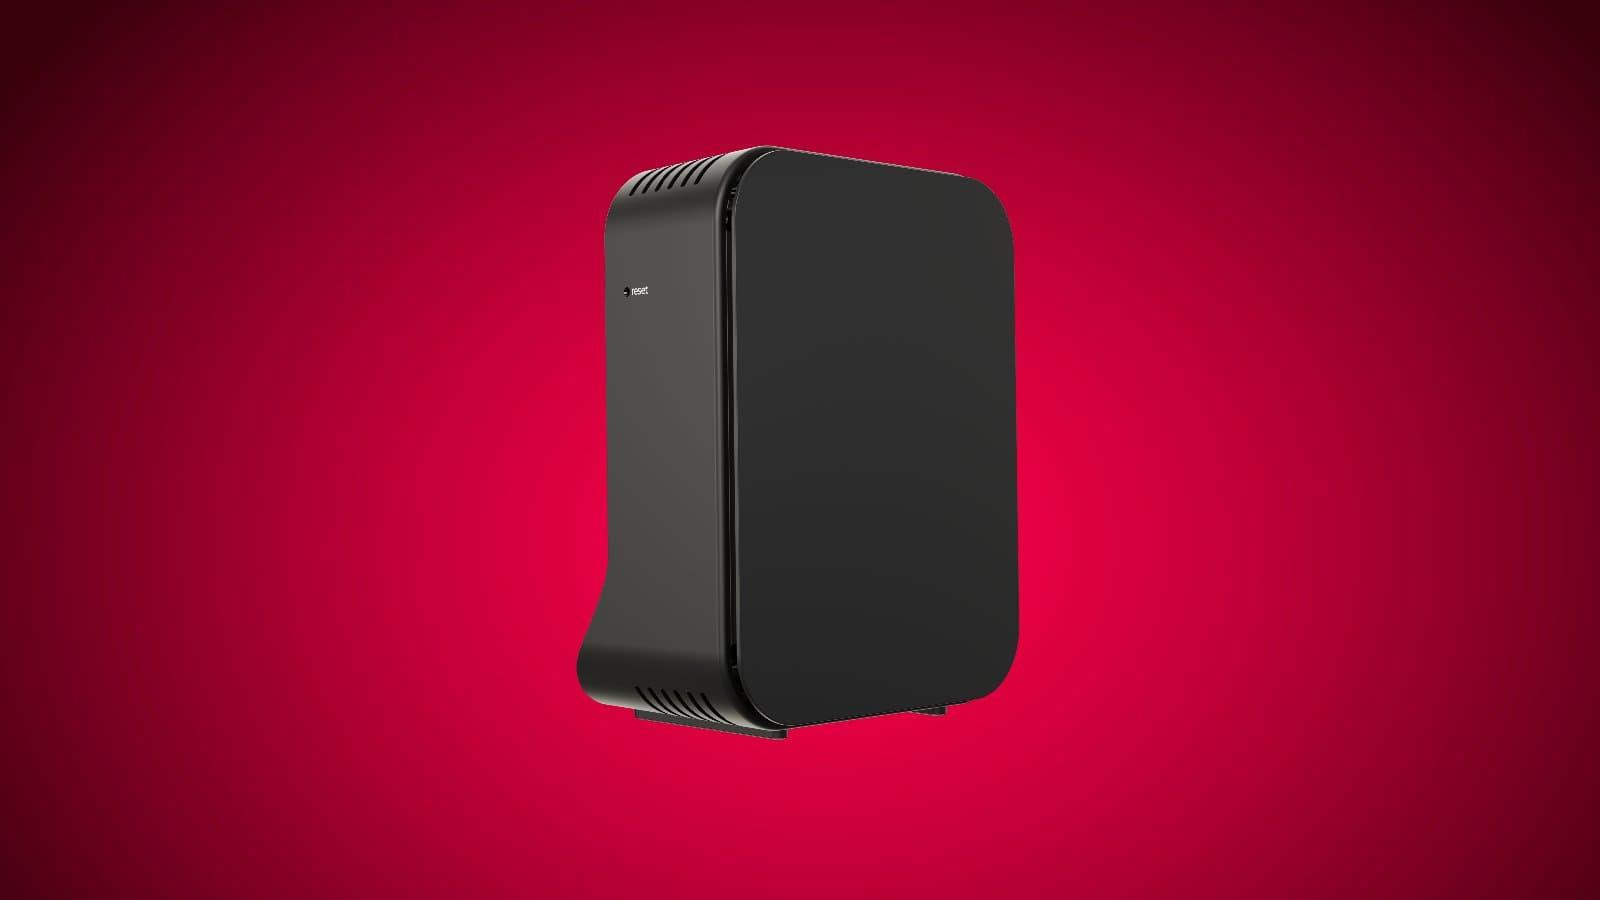 Étendez la portée de votre signal avec le répéteur Smart Wifi de SFR !